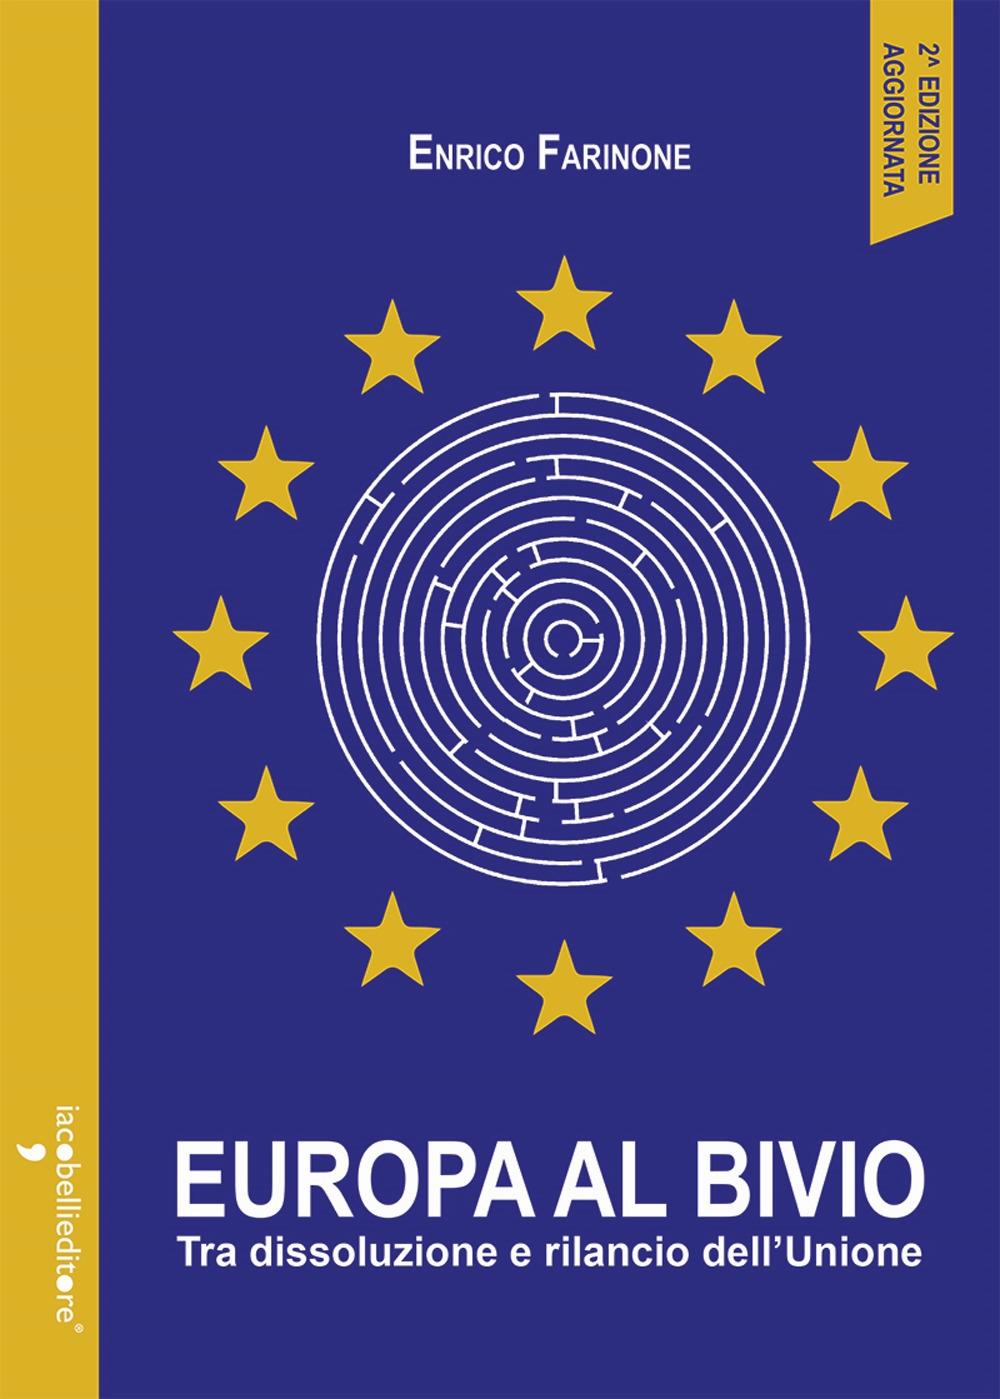 Europa al bivio. Tra dissoluzione e rilancio dell'Unione